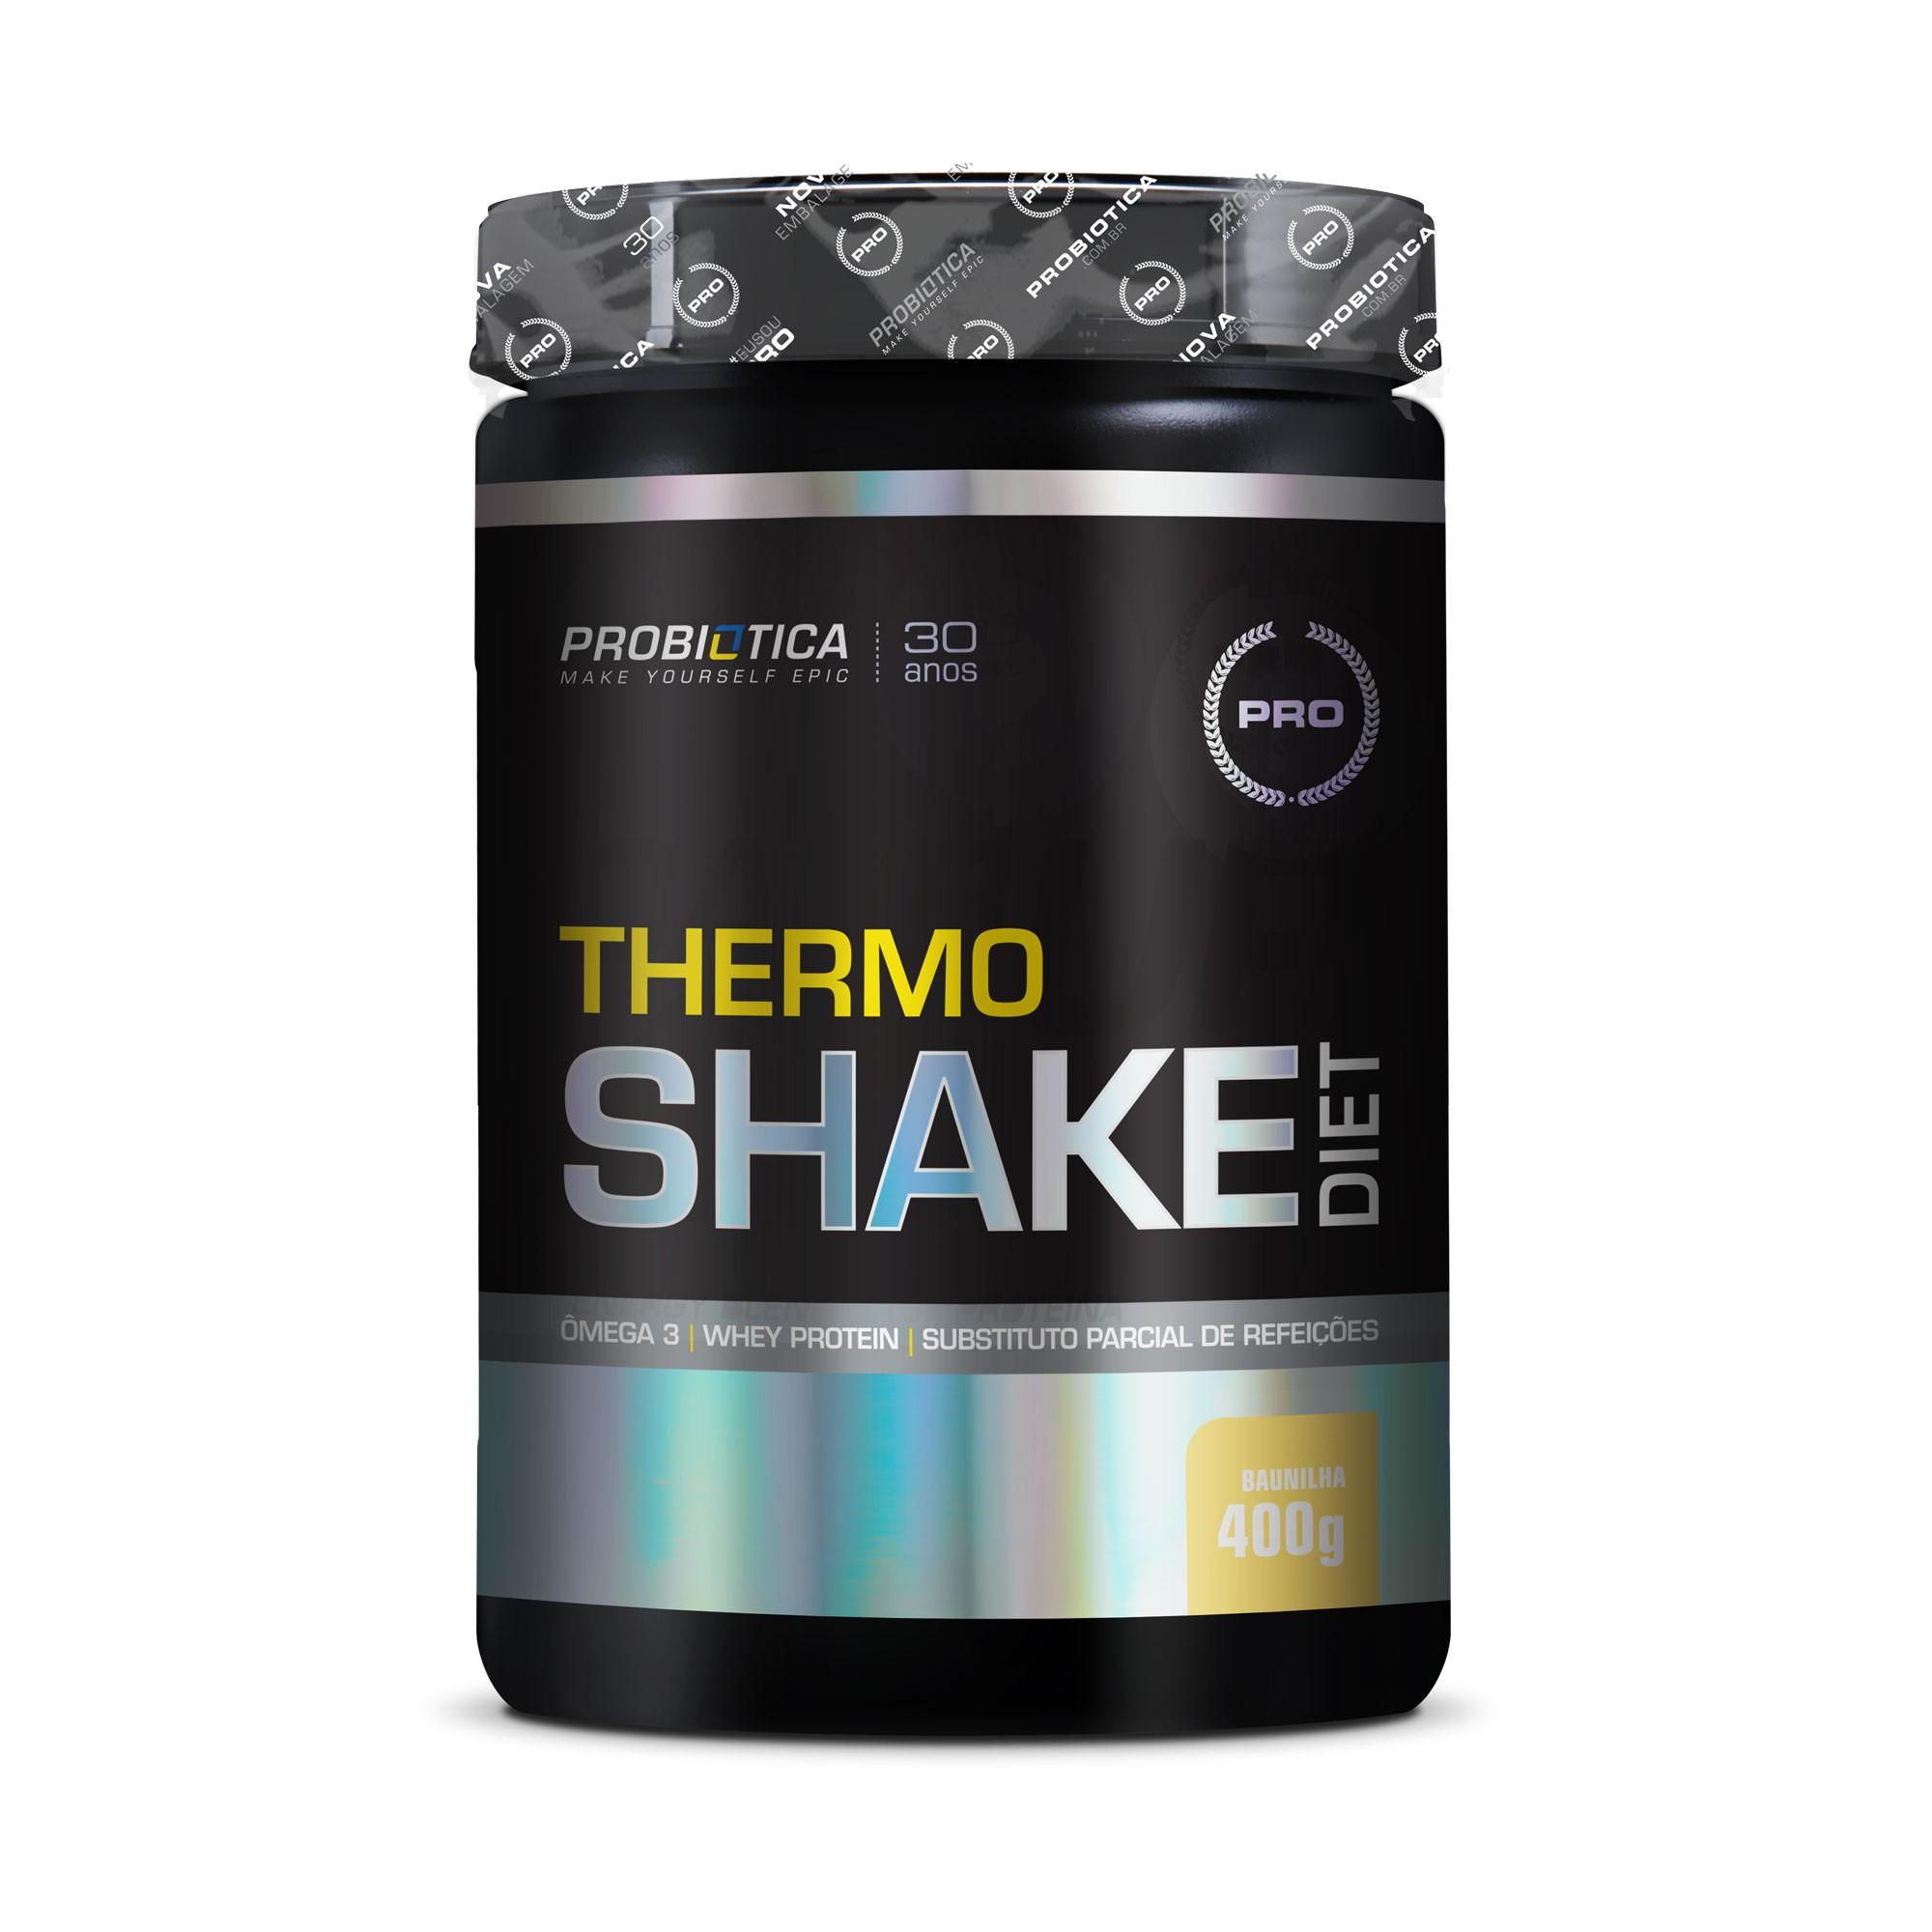 Thermoshake Diet Baunilha Probiotica  400g